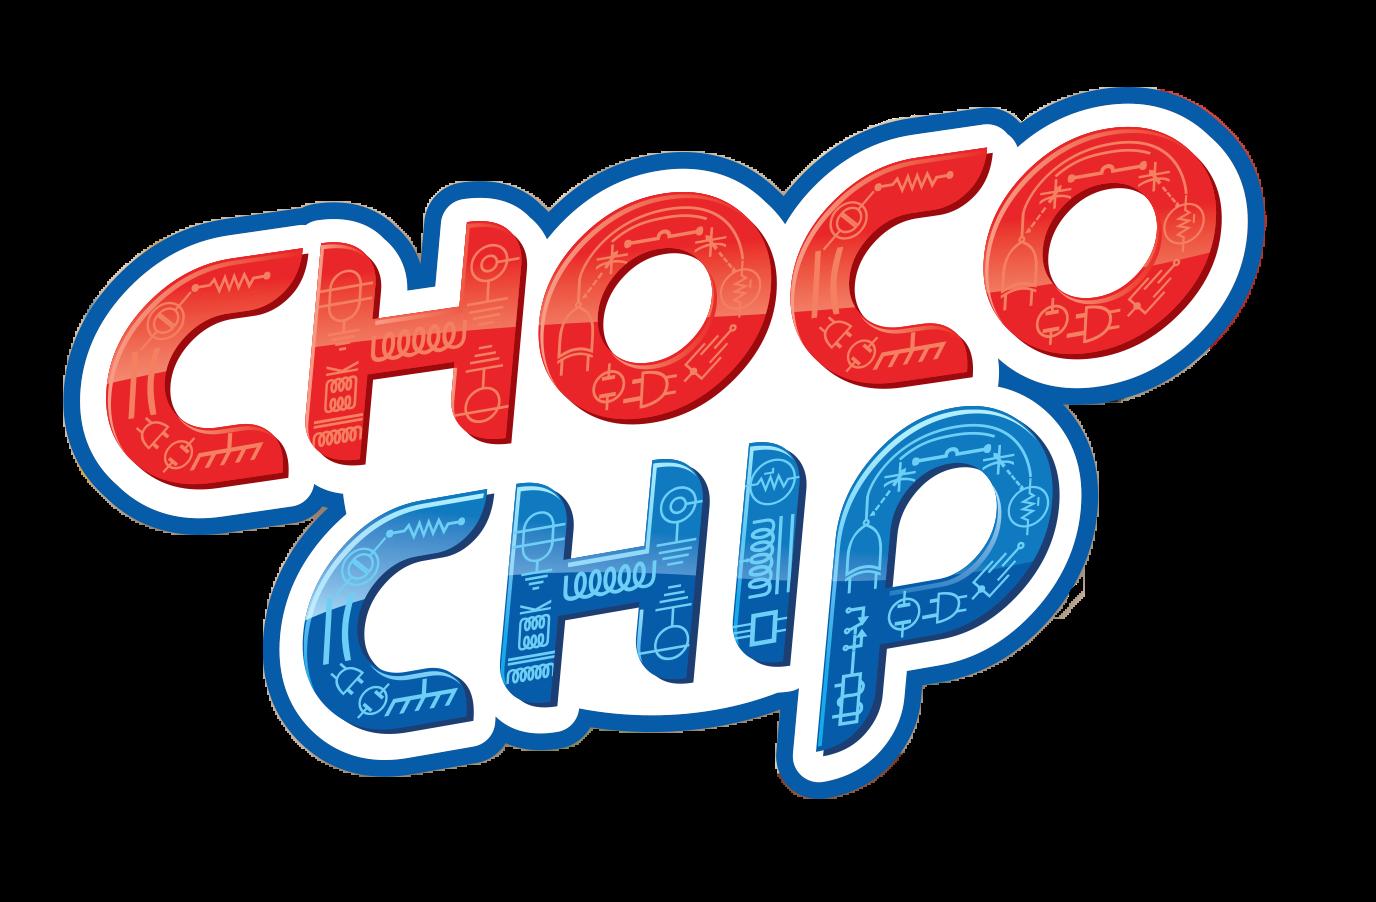 Choco Chip de CHOKIS